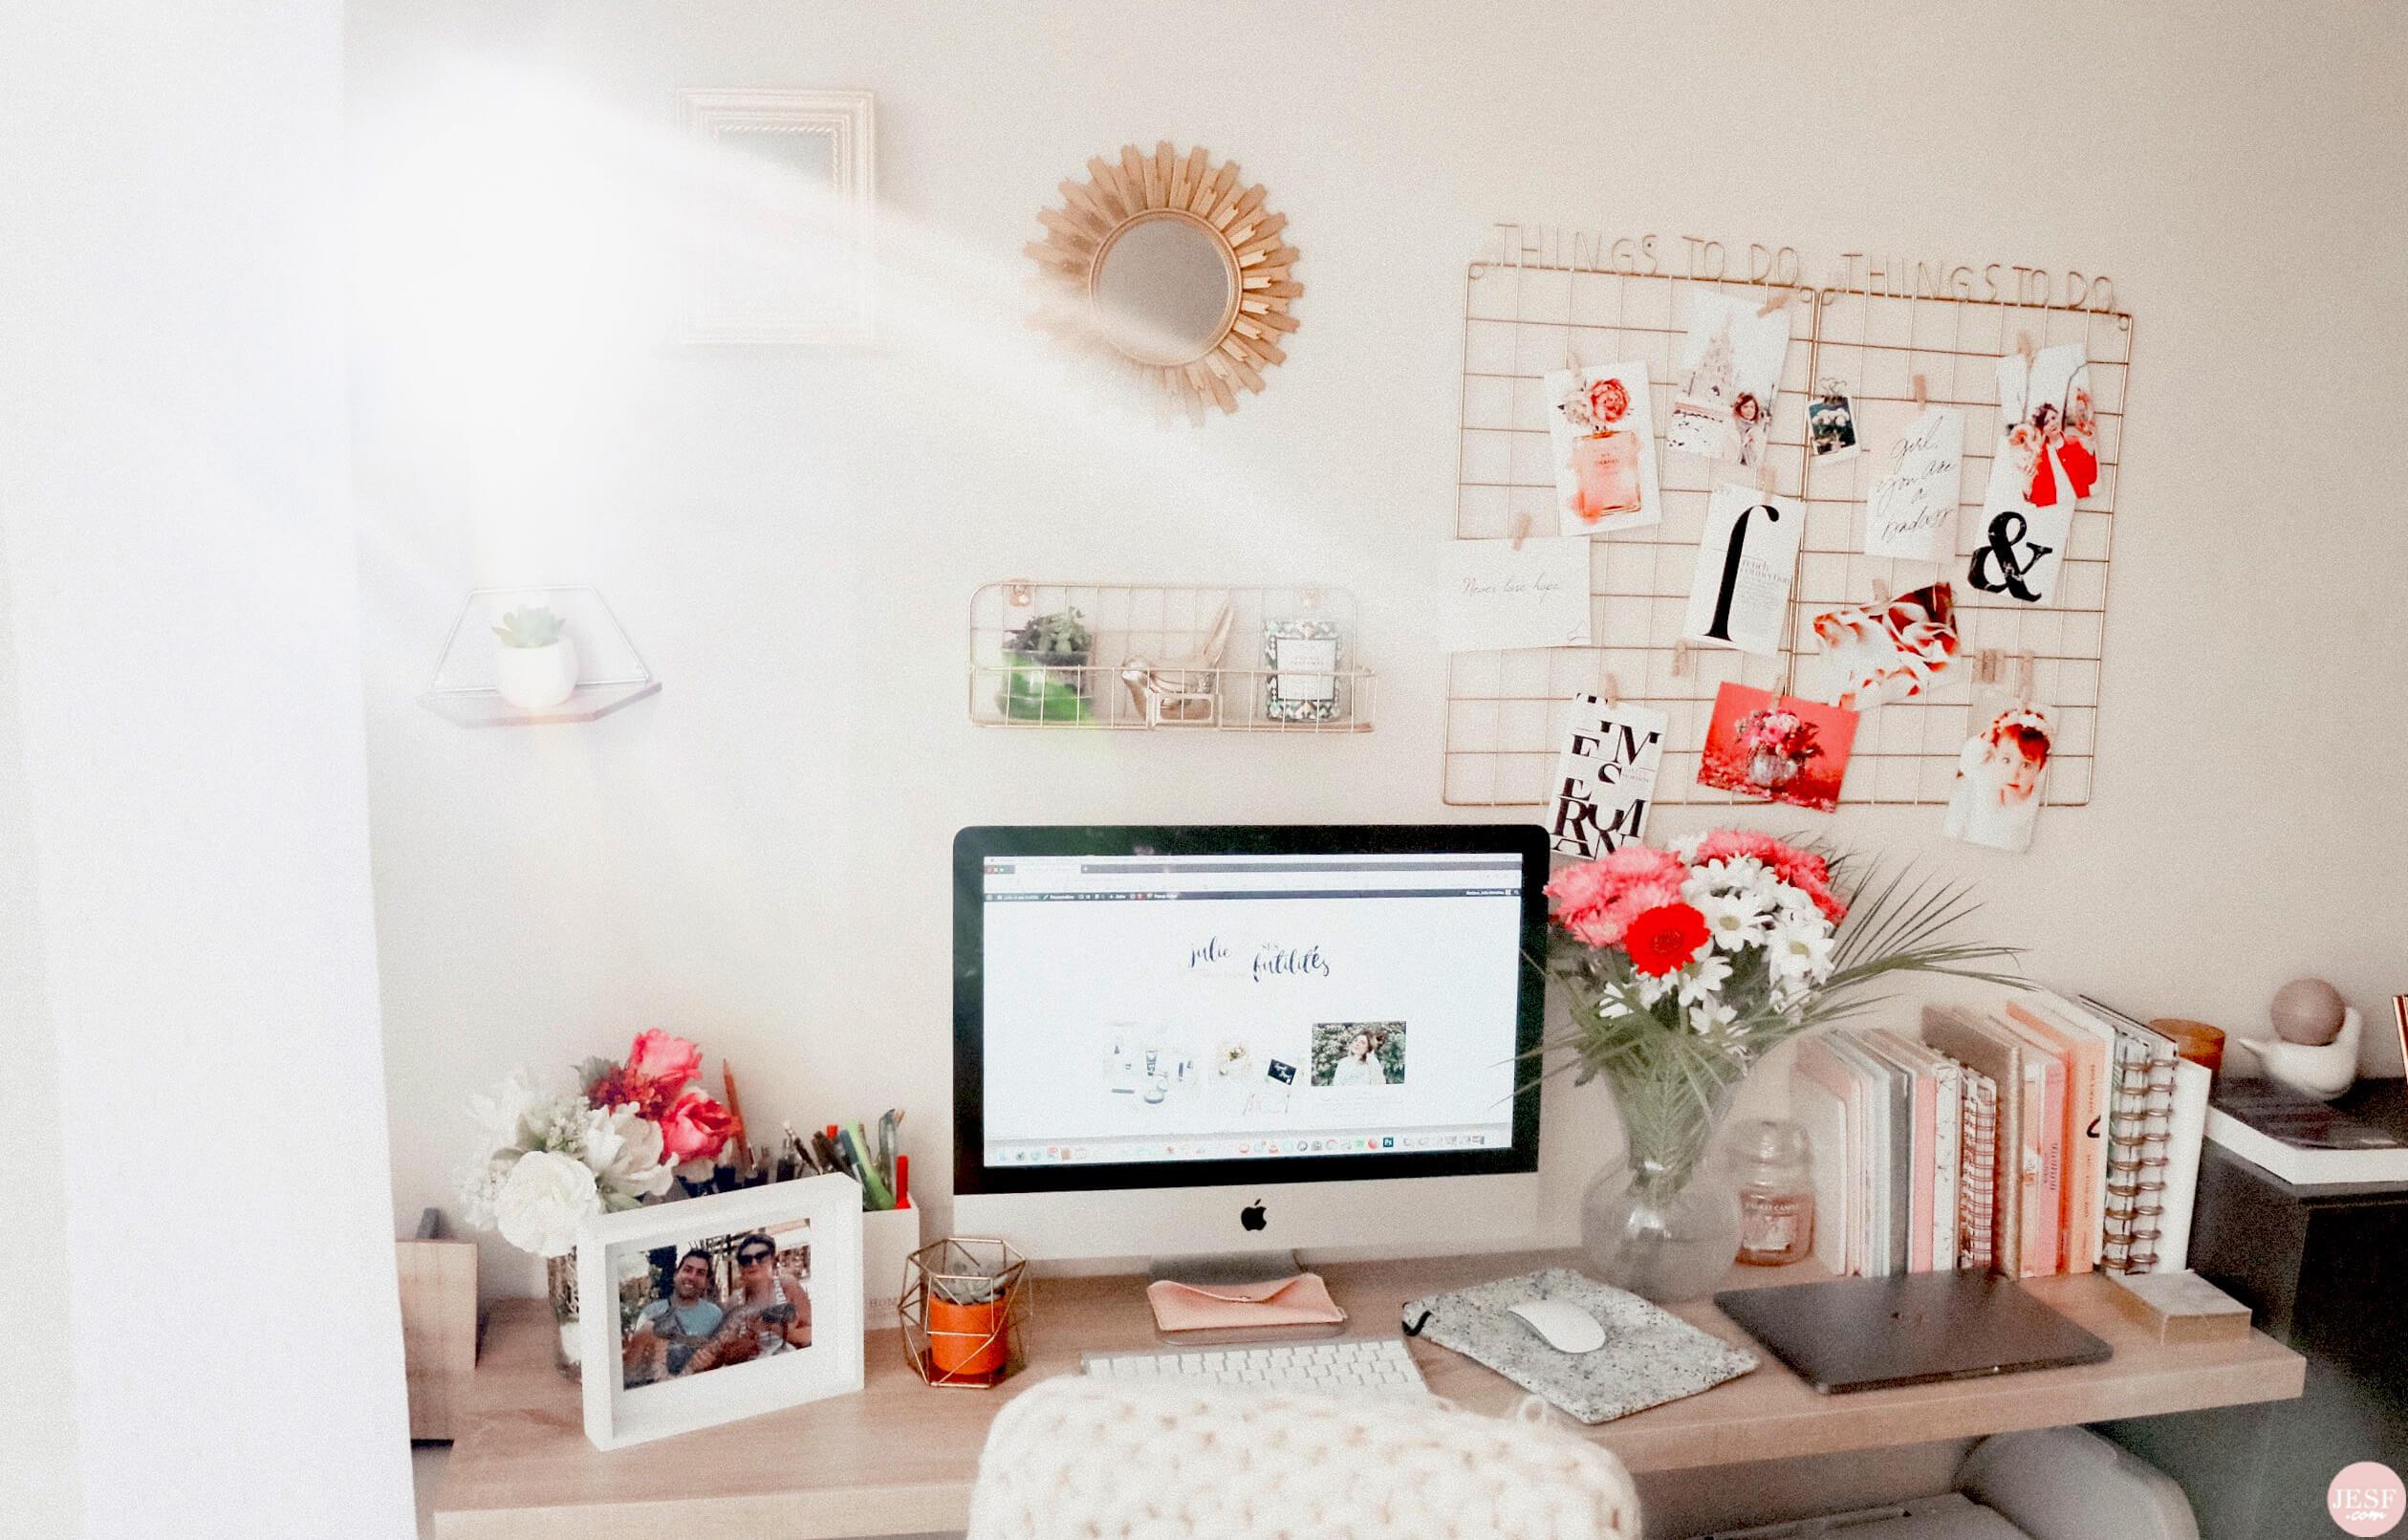 migrer-site-WordPress-Blog-bureau-décoration-ordinateur